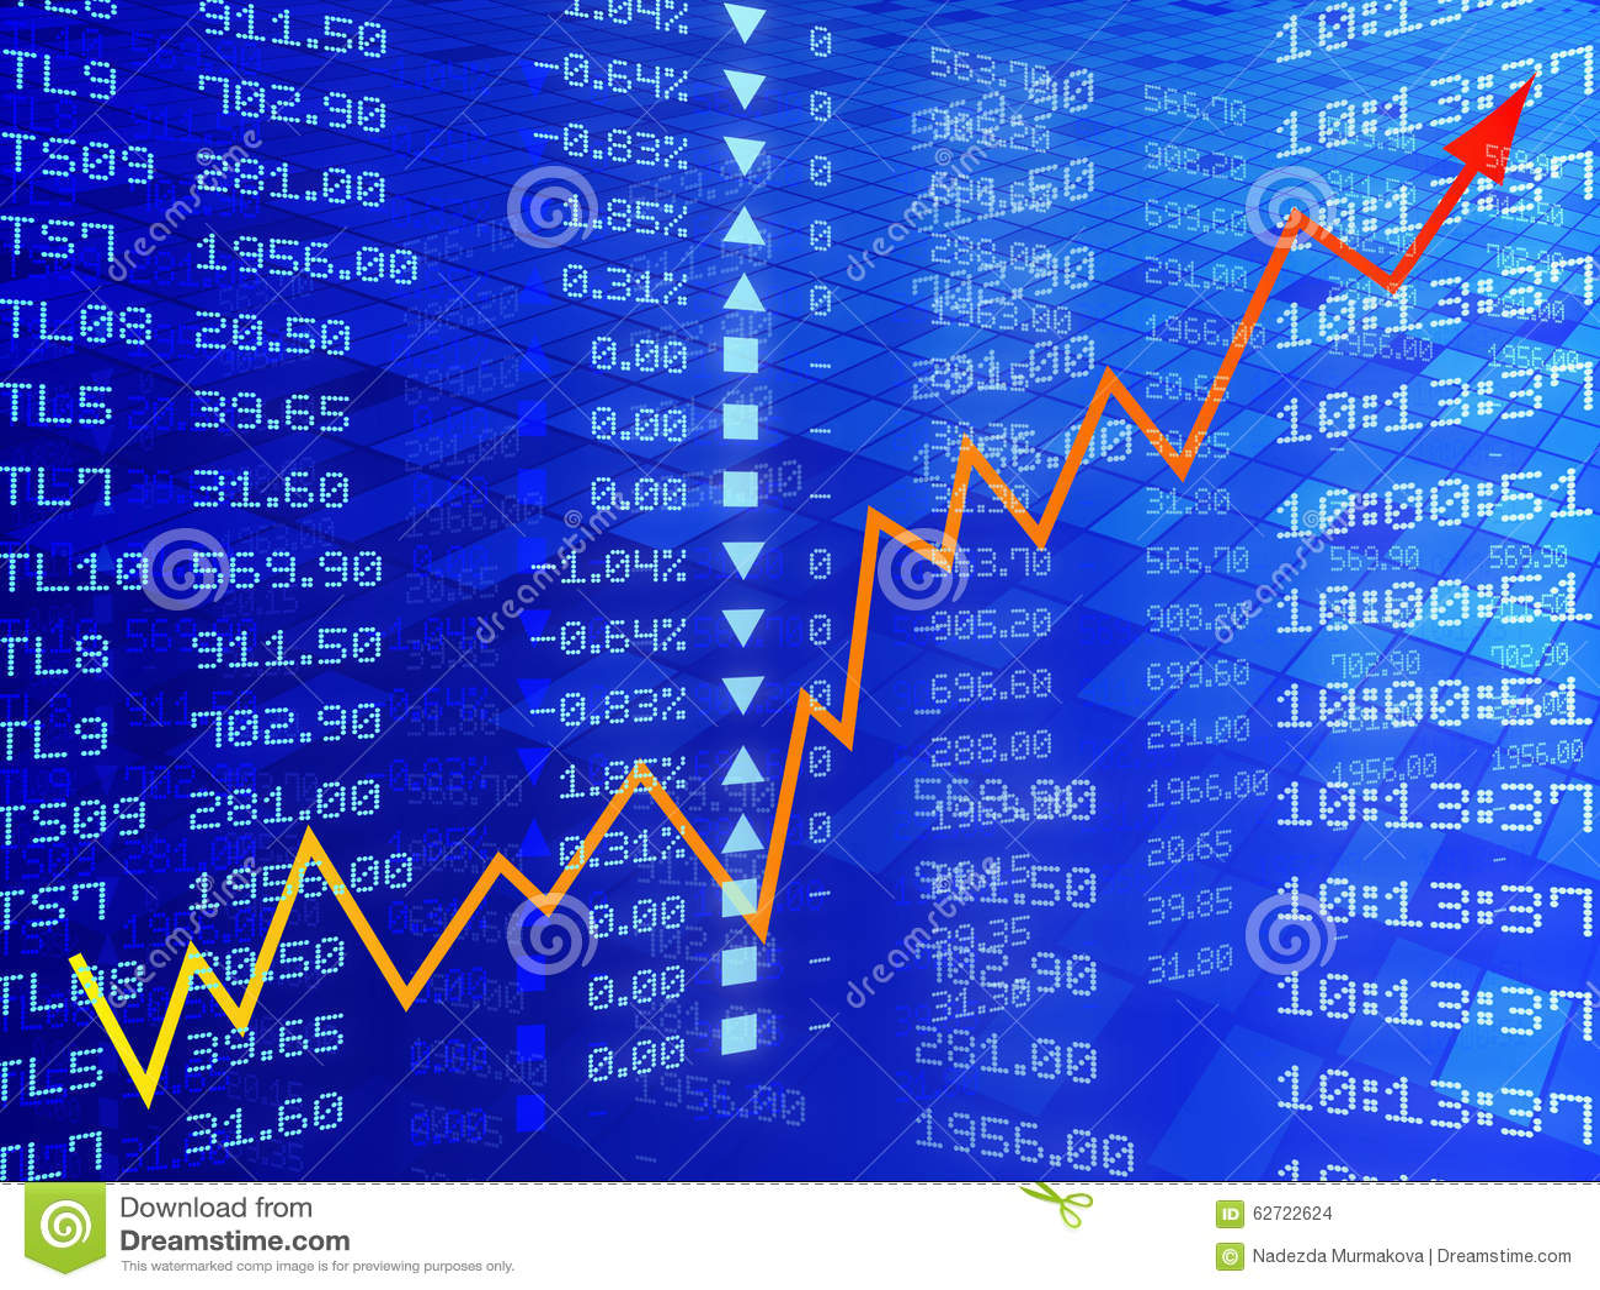 Ψηφιακή απεικόνιση της γραφικής παράστασης χρηματιστηρίου